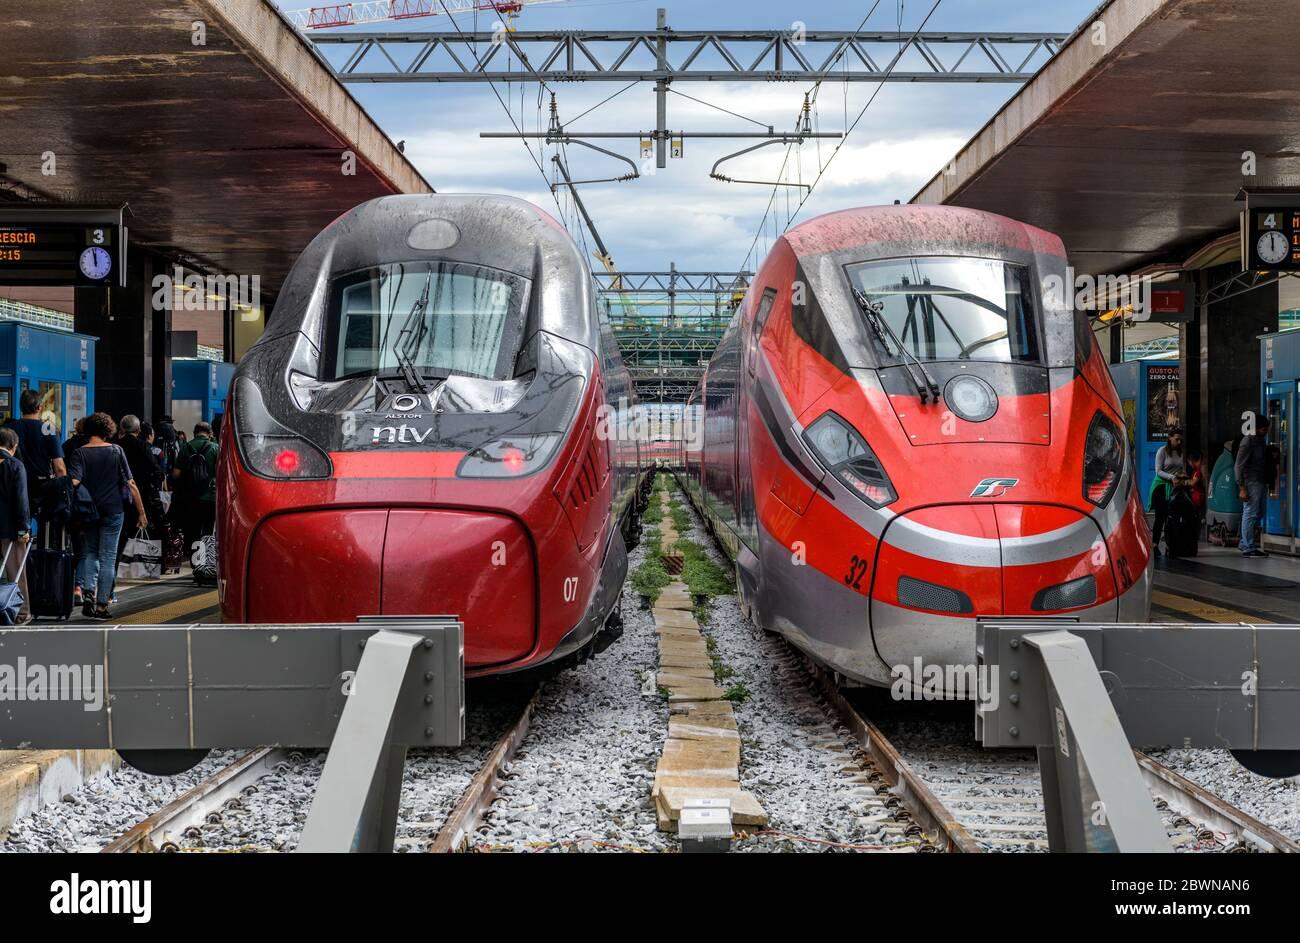 Treno Italiano ad alta velocità - due treni elettrici rossi ad alta velocità, Alstom Pendolino di NTV e Frecciarossa 1000 di Trenitalia, a Roma Termini, Italia. Foto Stock